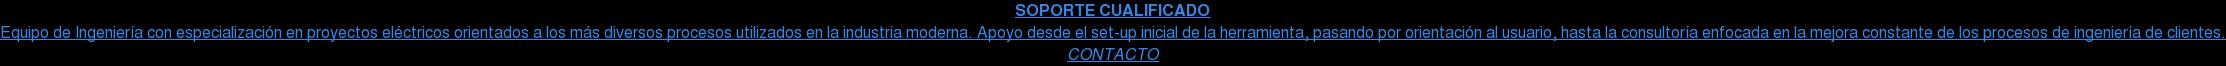 SOPORTE CUALIFICADO Equipo de Ingeniería con especialización en proyectos eléctricos orientados a  los más diversos procesos utilizados en la industria moderna. Apoyo desde el  set-up inicial de la herramienta, pasando por orientación al usuario, hasta la  consultoría enfocada en la mejora constante de los procesos de ingeniería de  clientes. CONTACTO